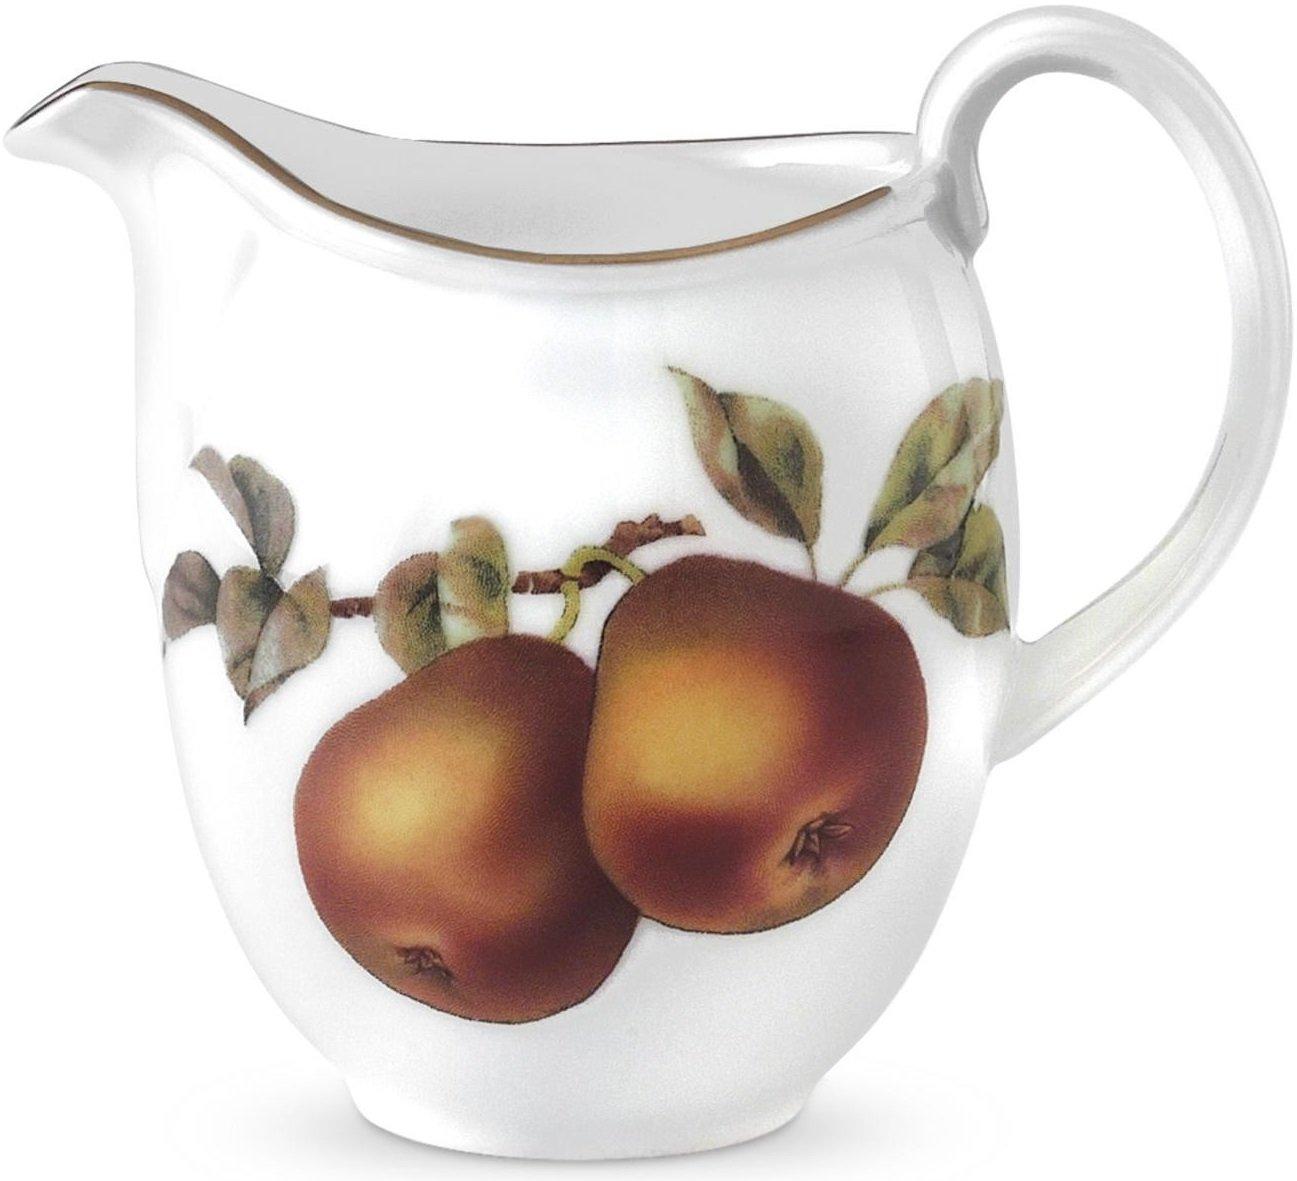 Royal Worcester Evesham Gold Porcelain Creamer